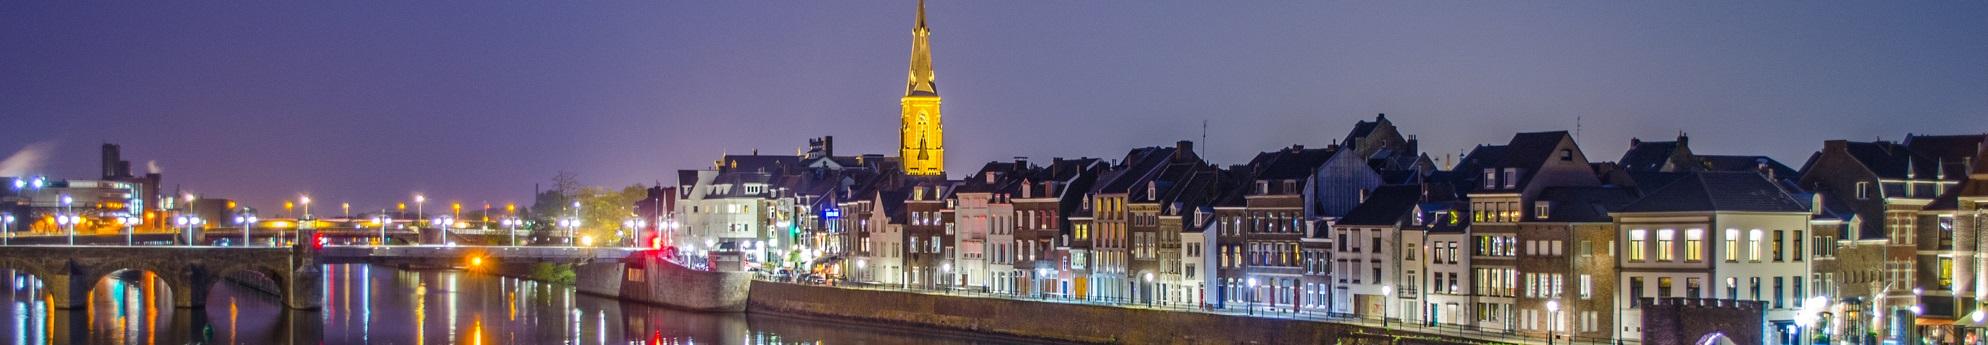 Dagje uit Maastricht